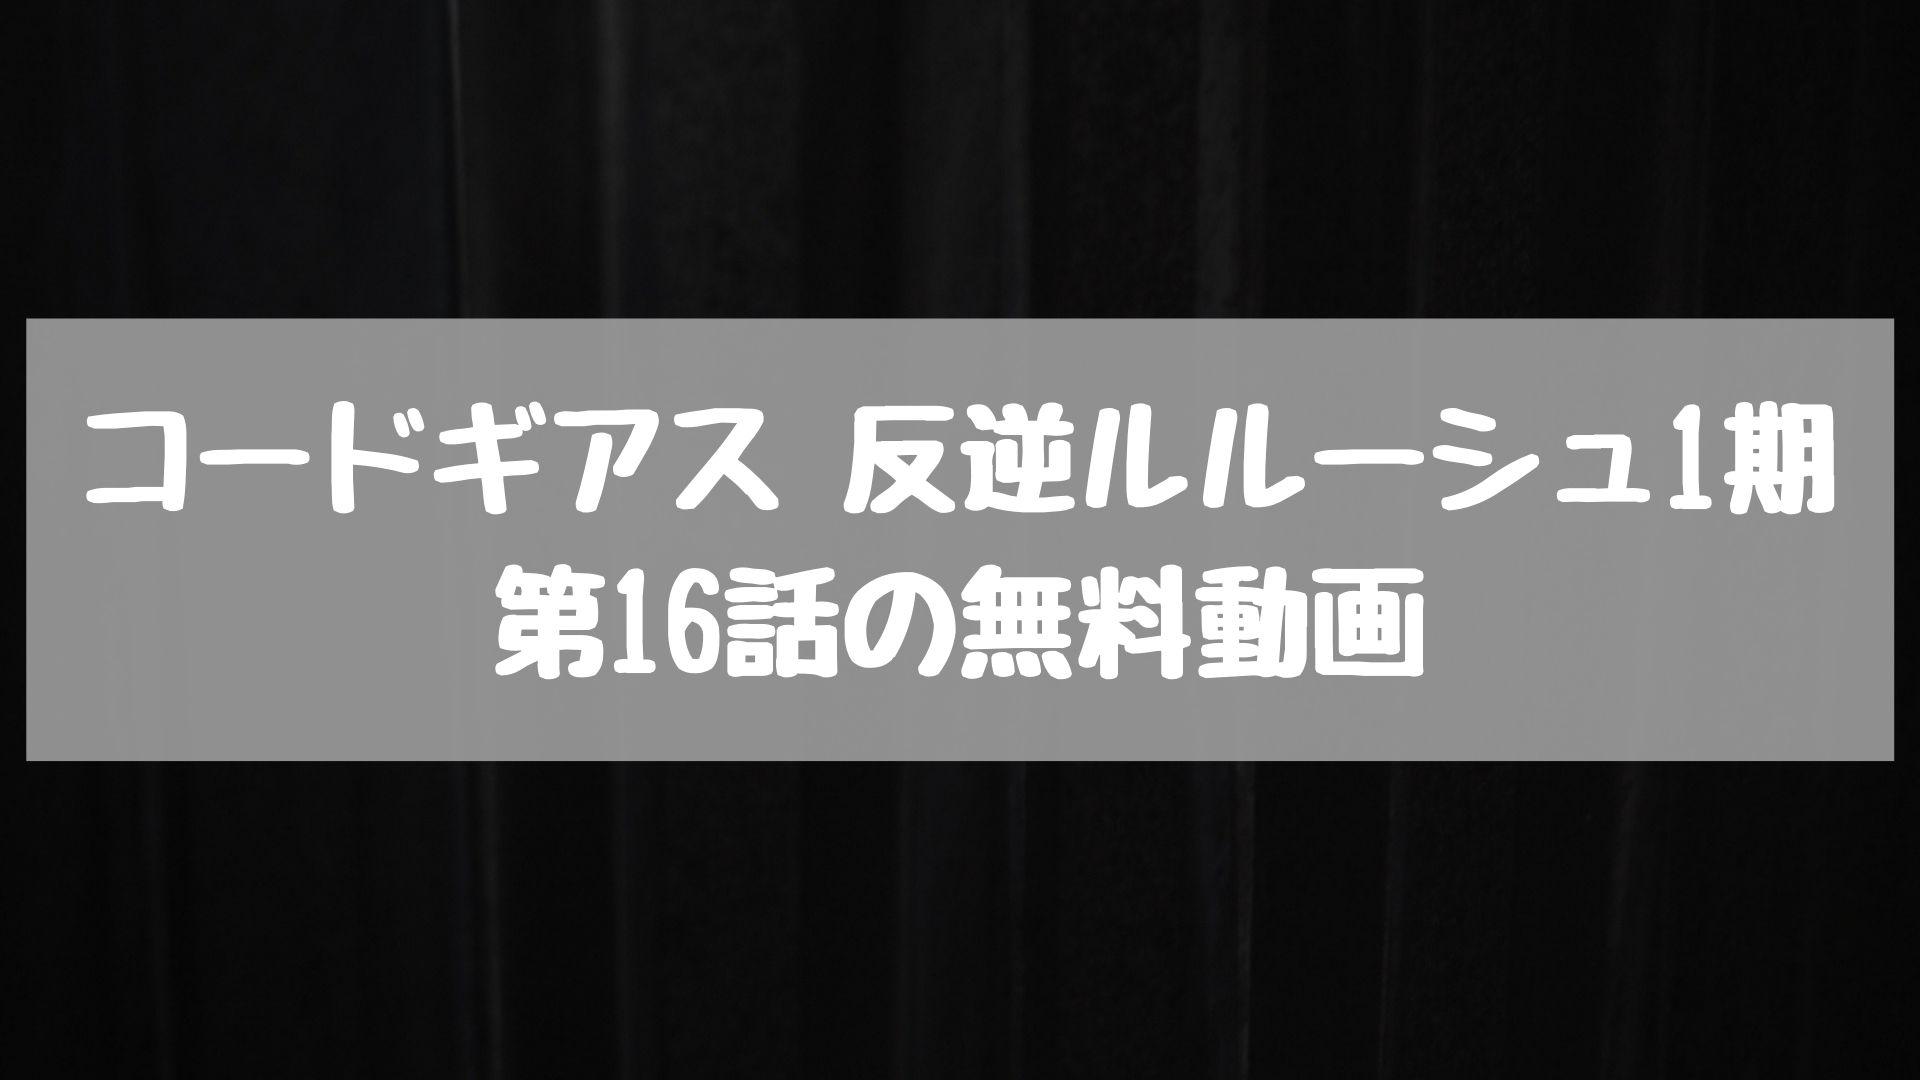 コードギアス 反逆ルルーシュ1期 第16話の無料動画